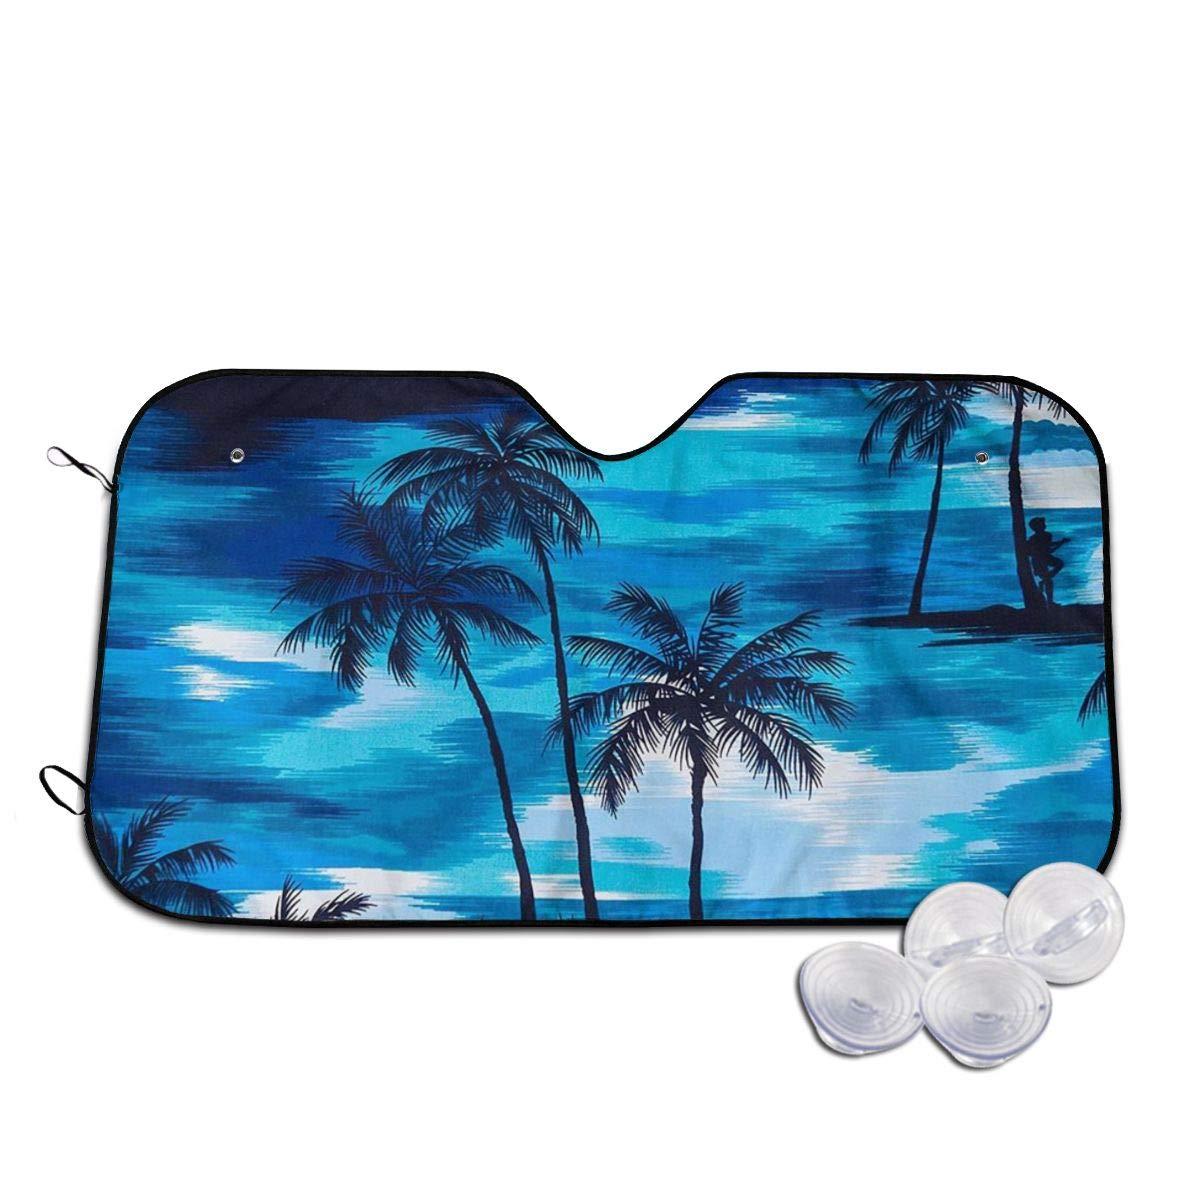 Car Windshield Sunshade Palm Trees Sea Sunset Windshield Sun Shade Car Sunshade,Auto Sun Blocker Visor